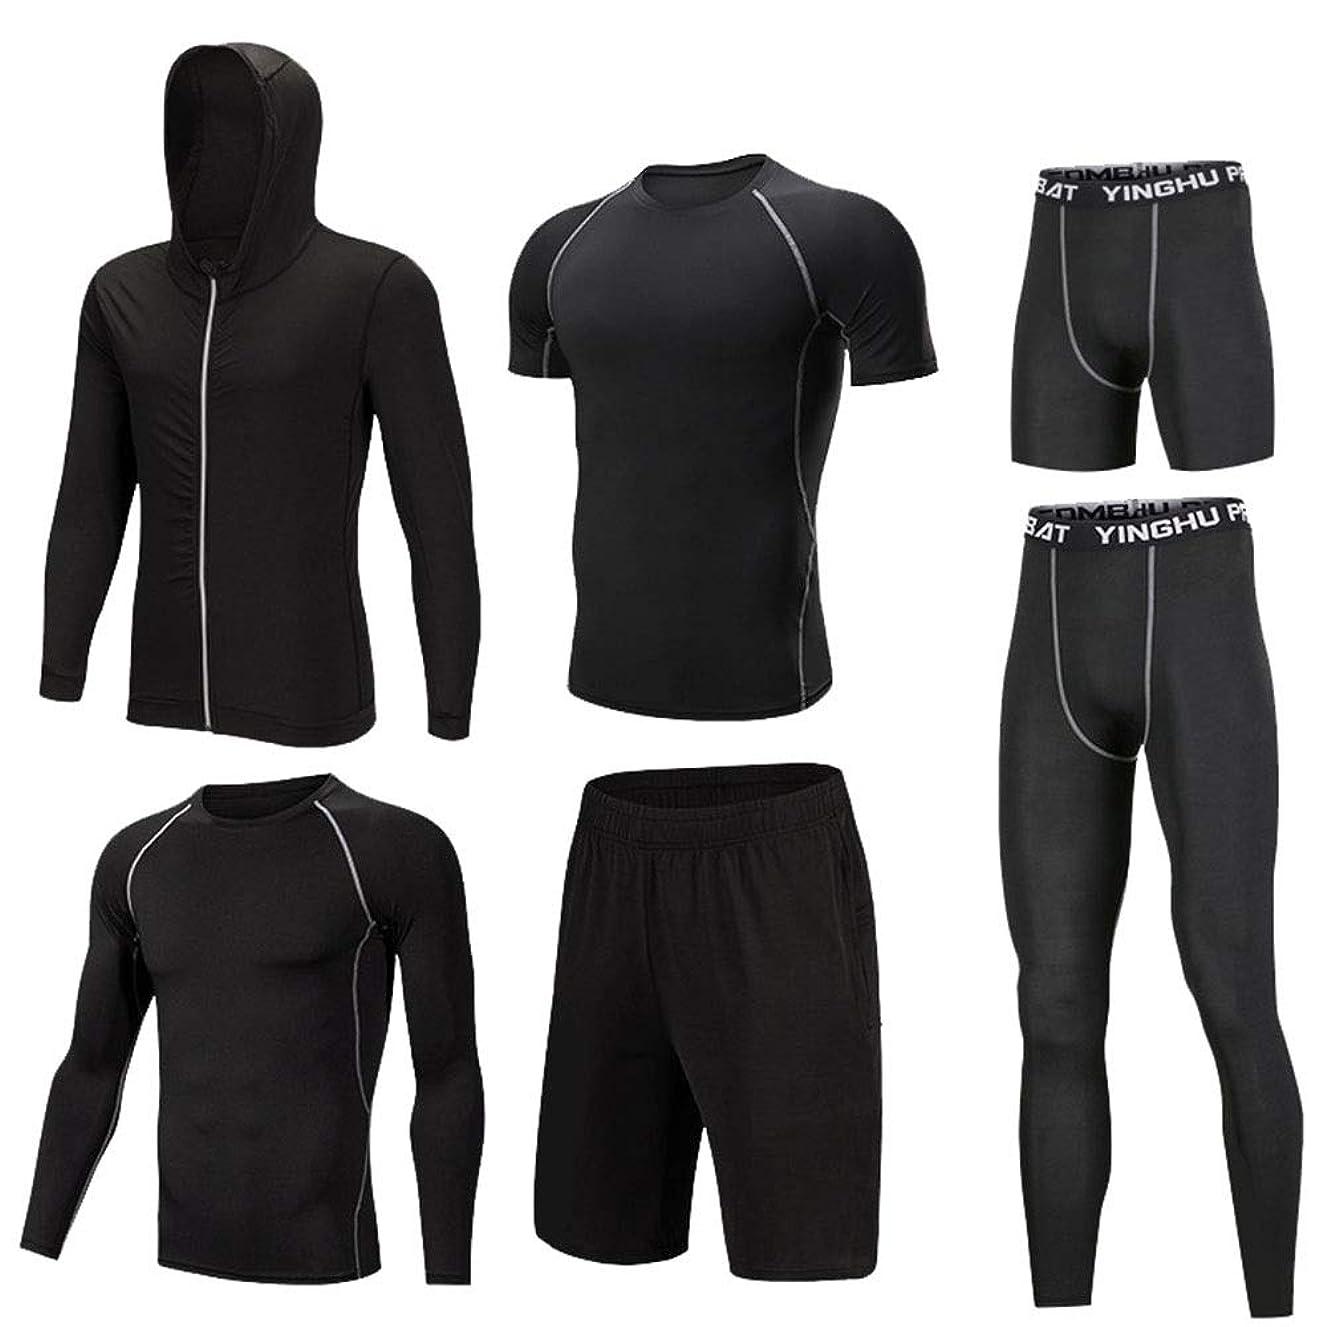 自慢禁止テクニカルランニングウェア メンズ6ピースクイックドライコンプレッションスポーツセット、上着、圧縮長袖シャツ、圧縮タイトパンツ、圧縮半袖Tシャツ、ゆったりショーツ、圧縮タイトショーツ 男女兼用 (Color : Black, Size : L)